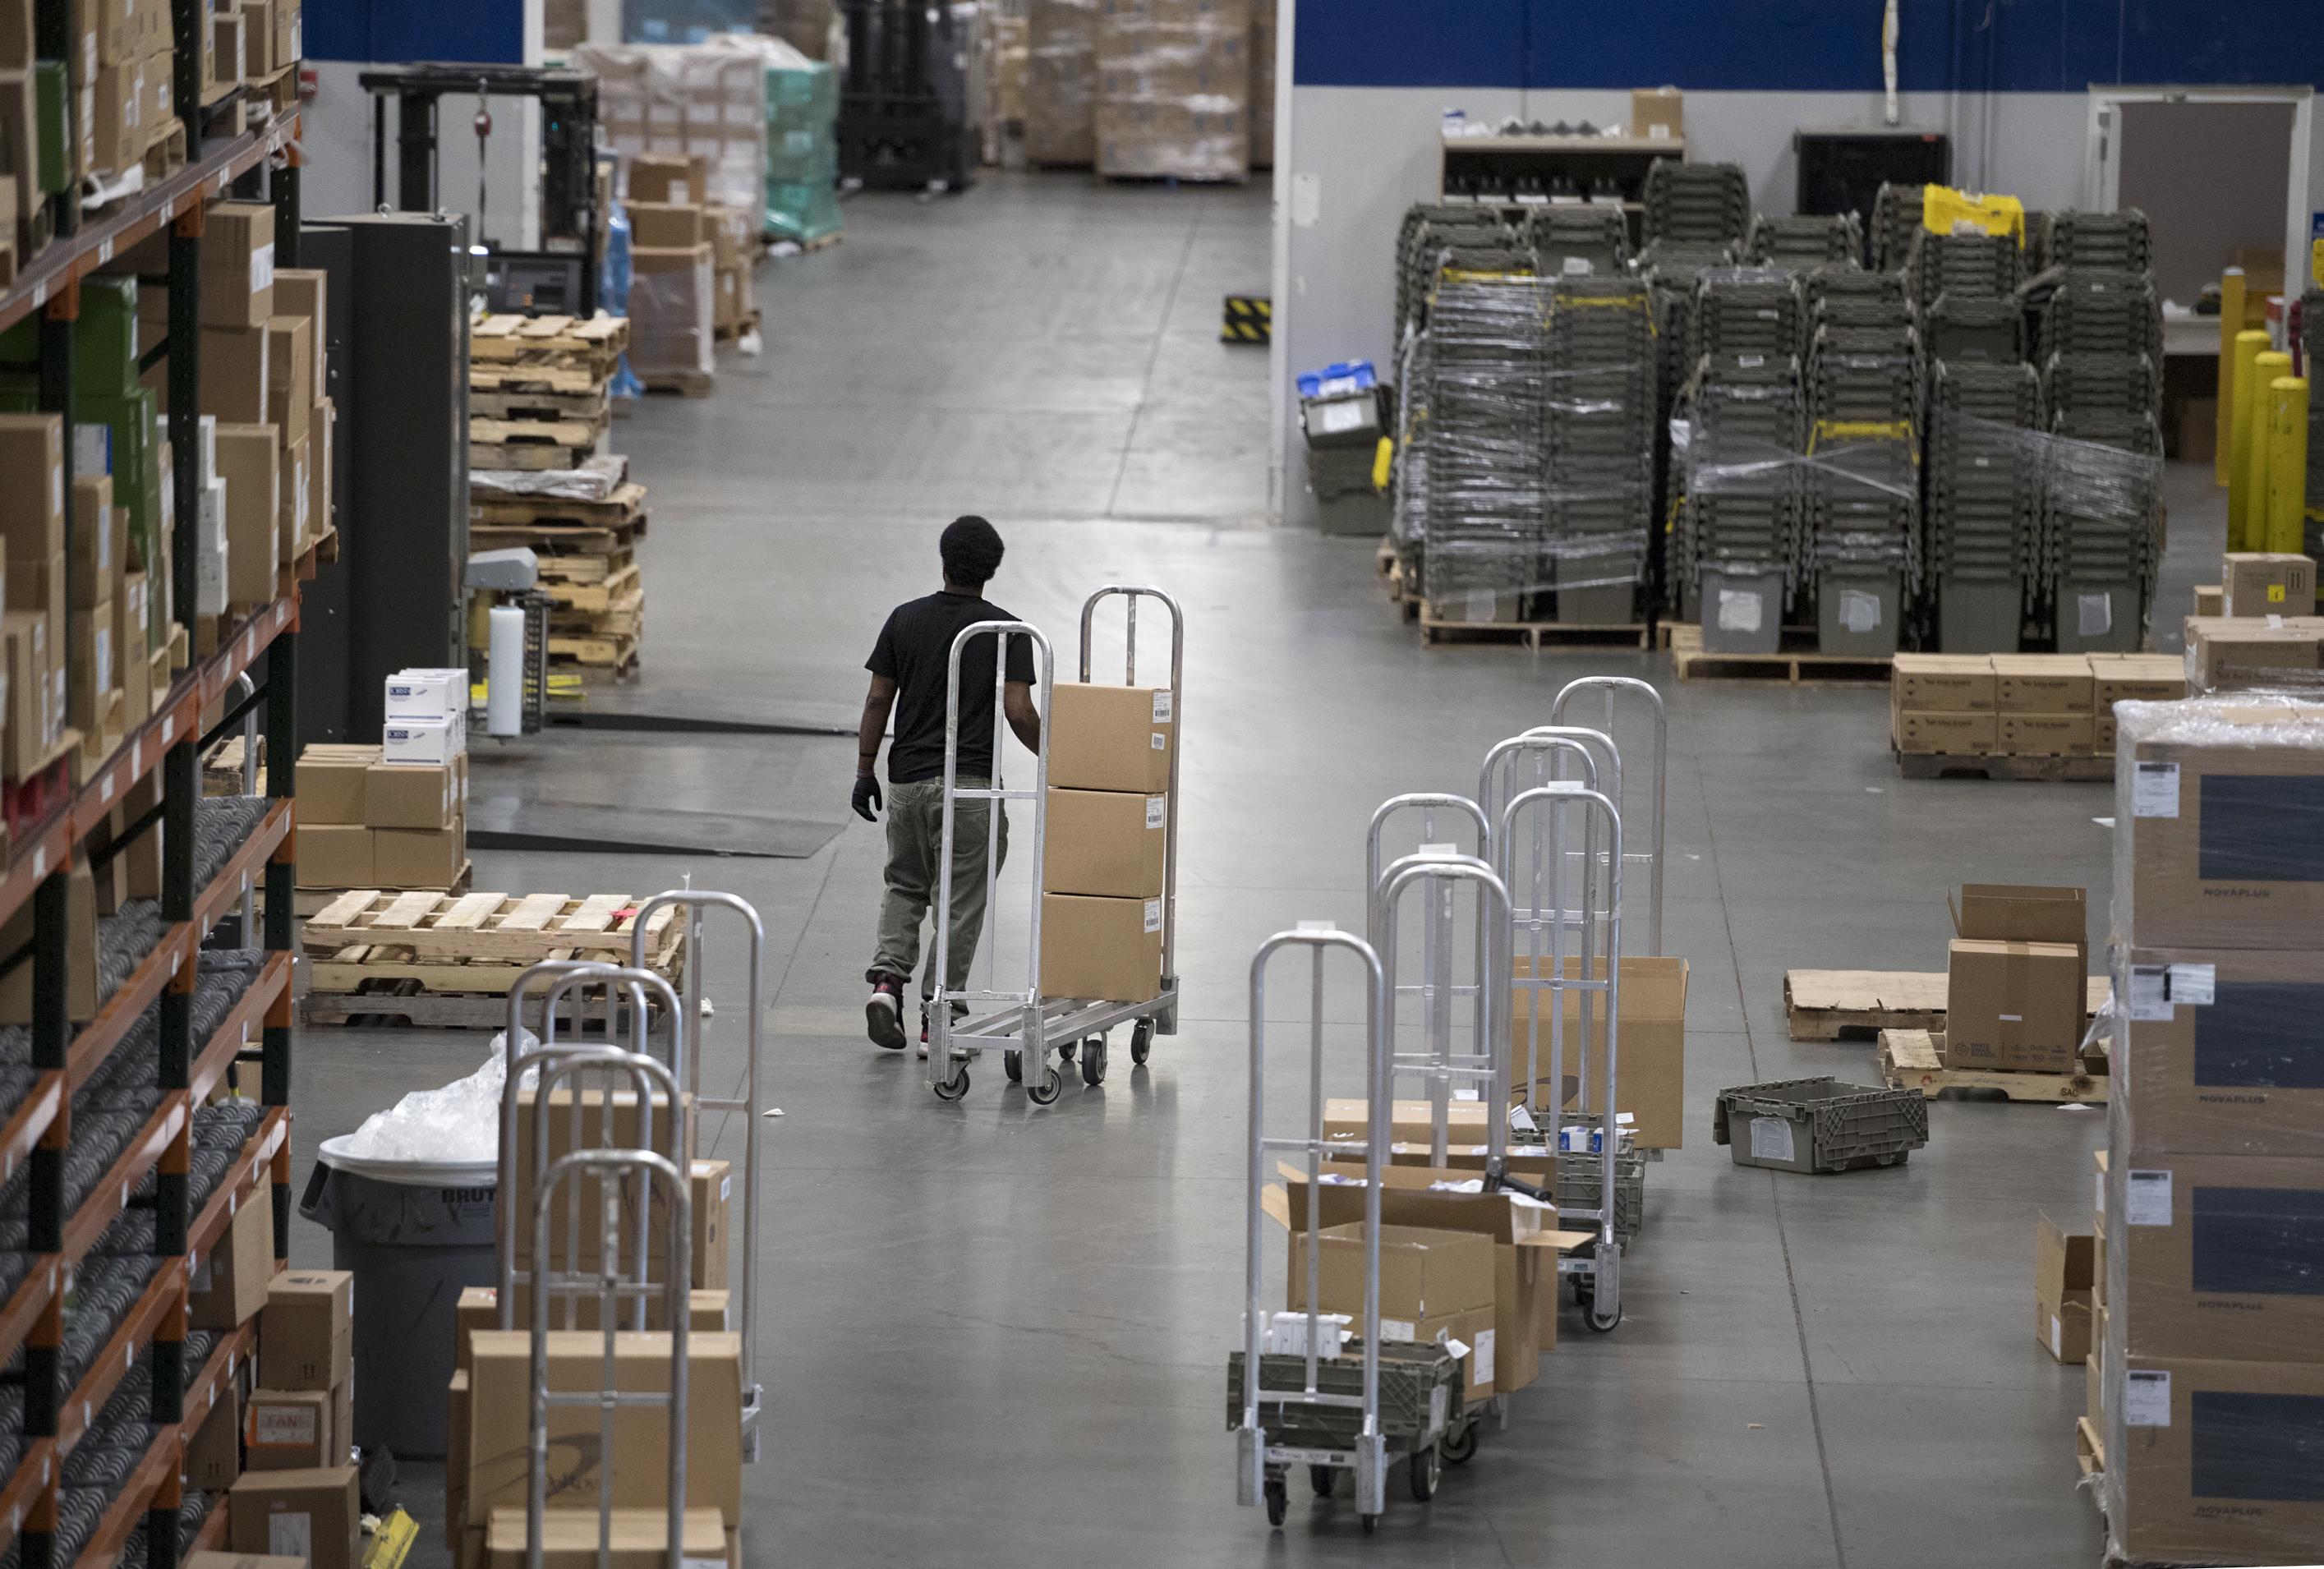 supplychain man on floor